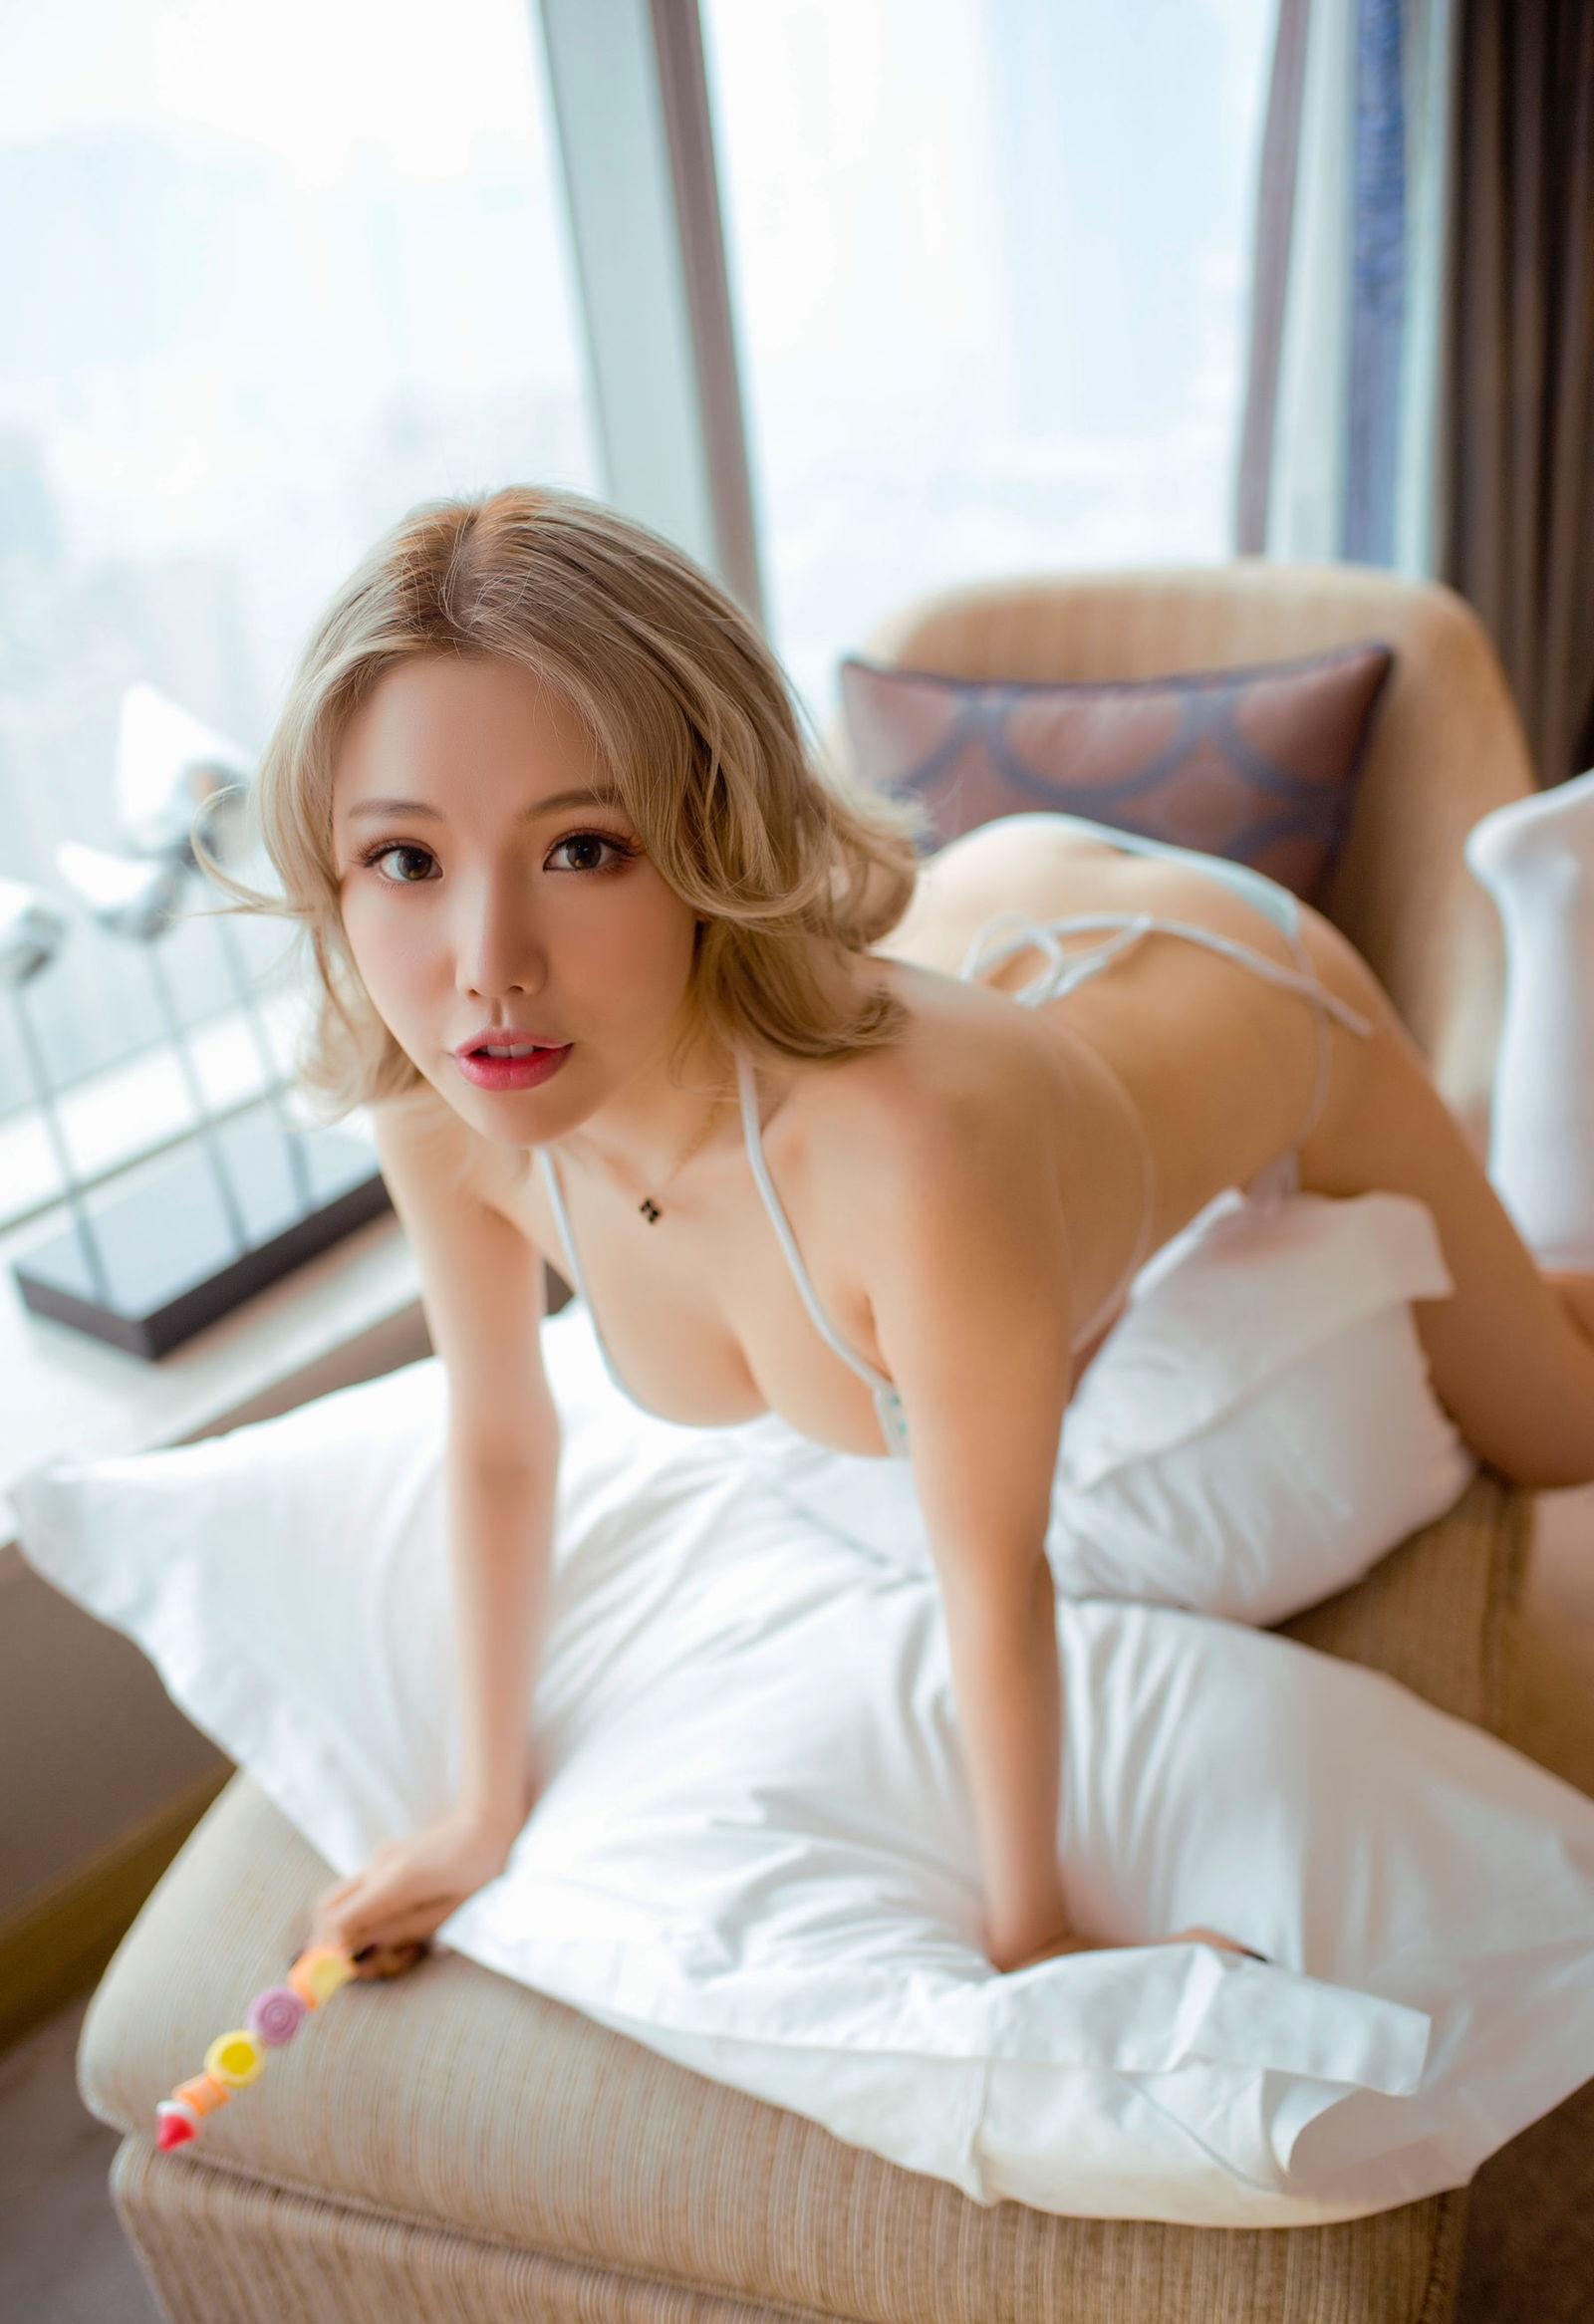 Asian bending over